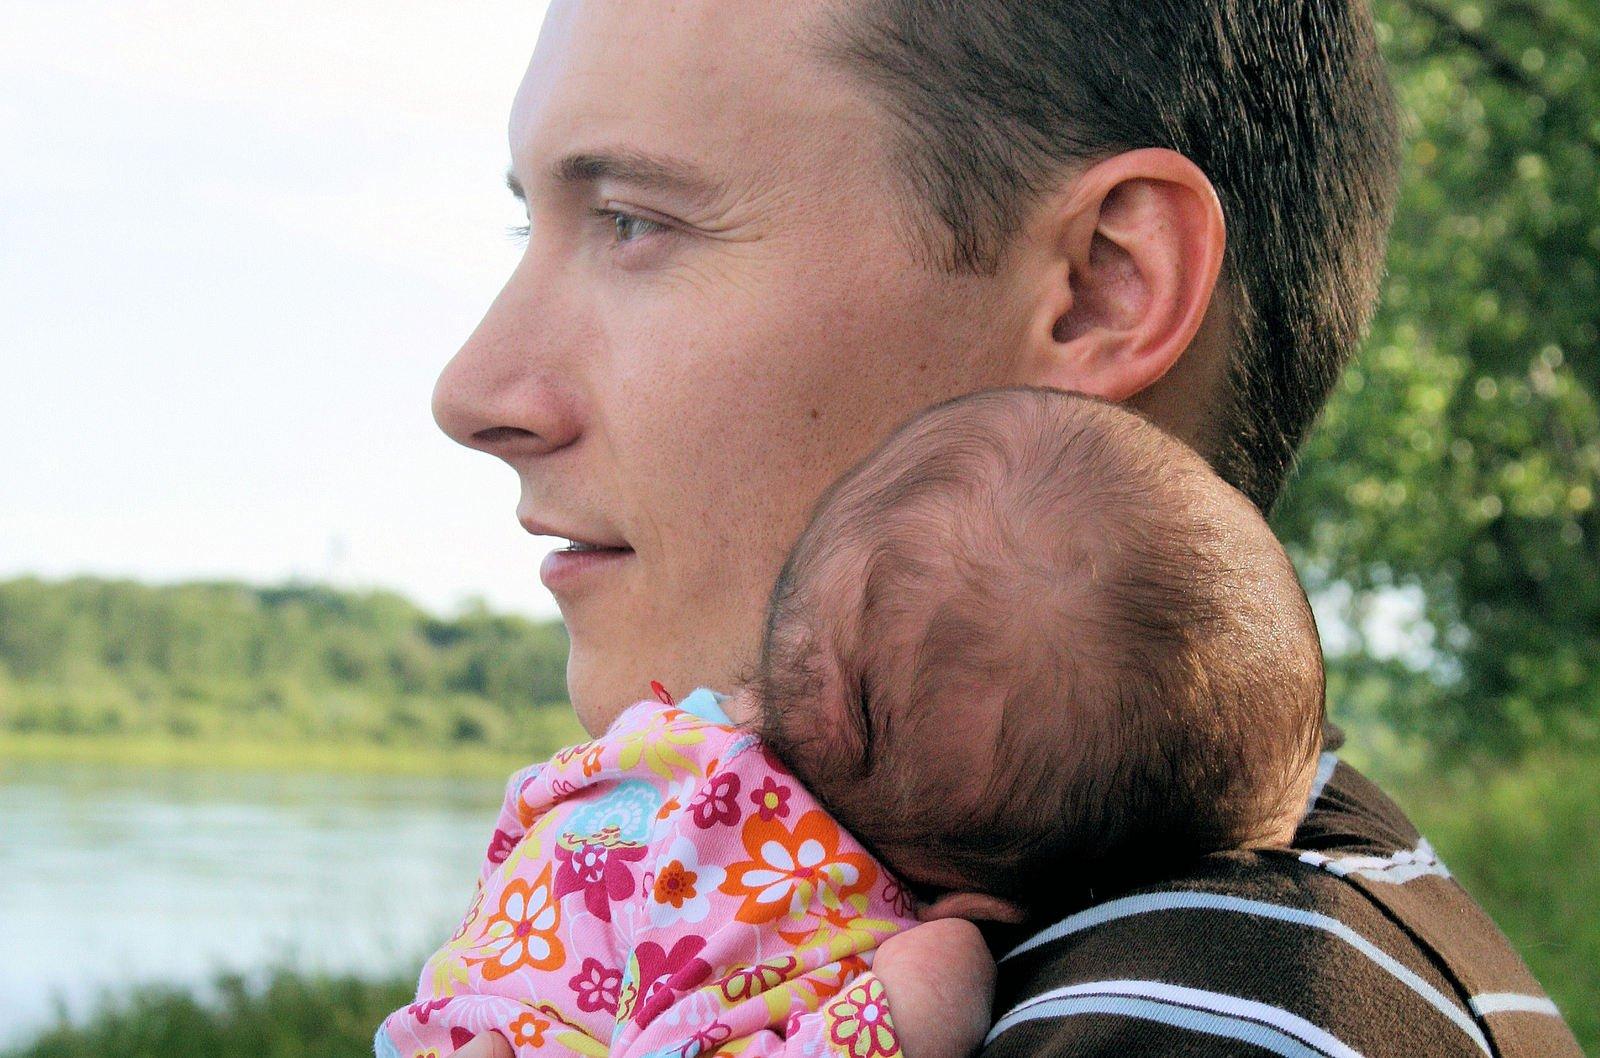 Otec s dítětem v náručí